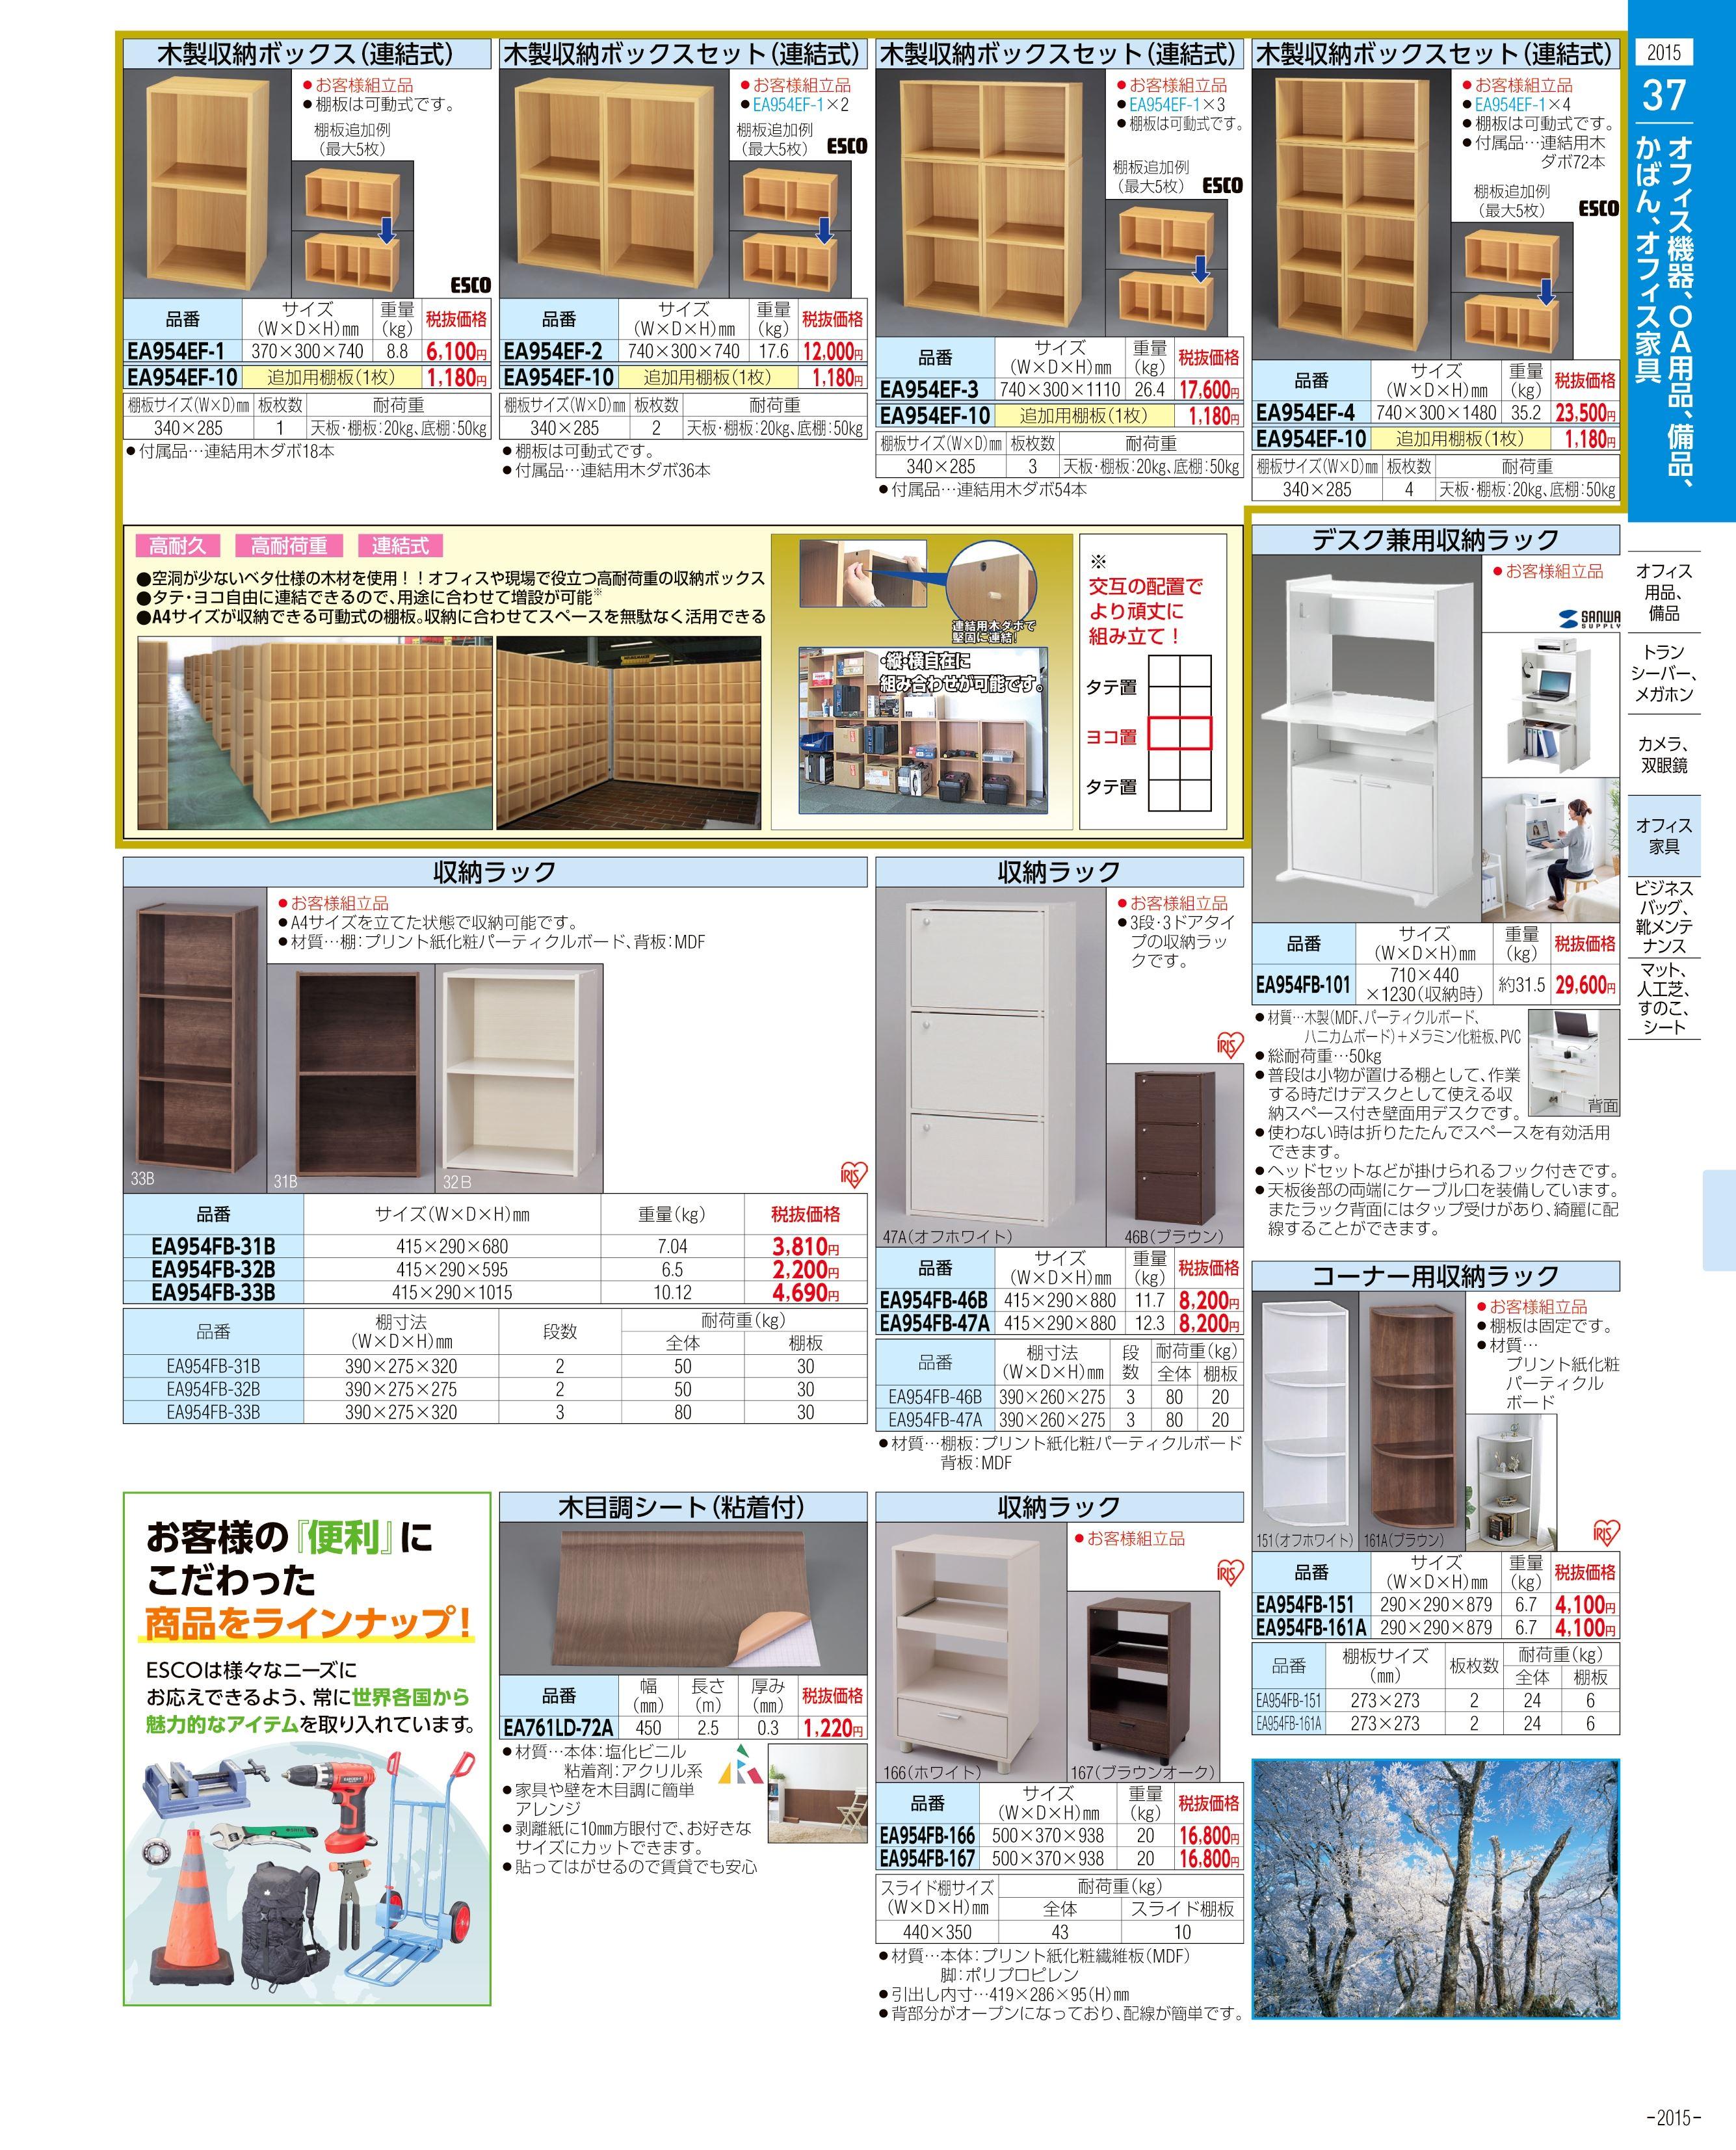 エスコ便利カタログ2015ページ